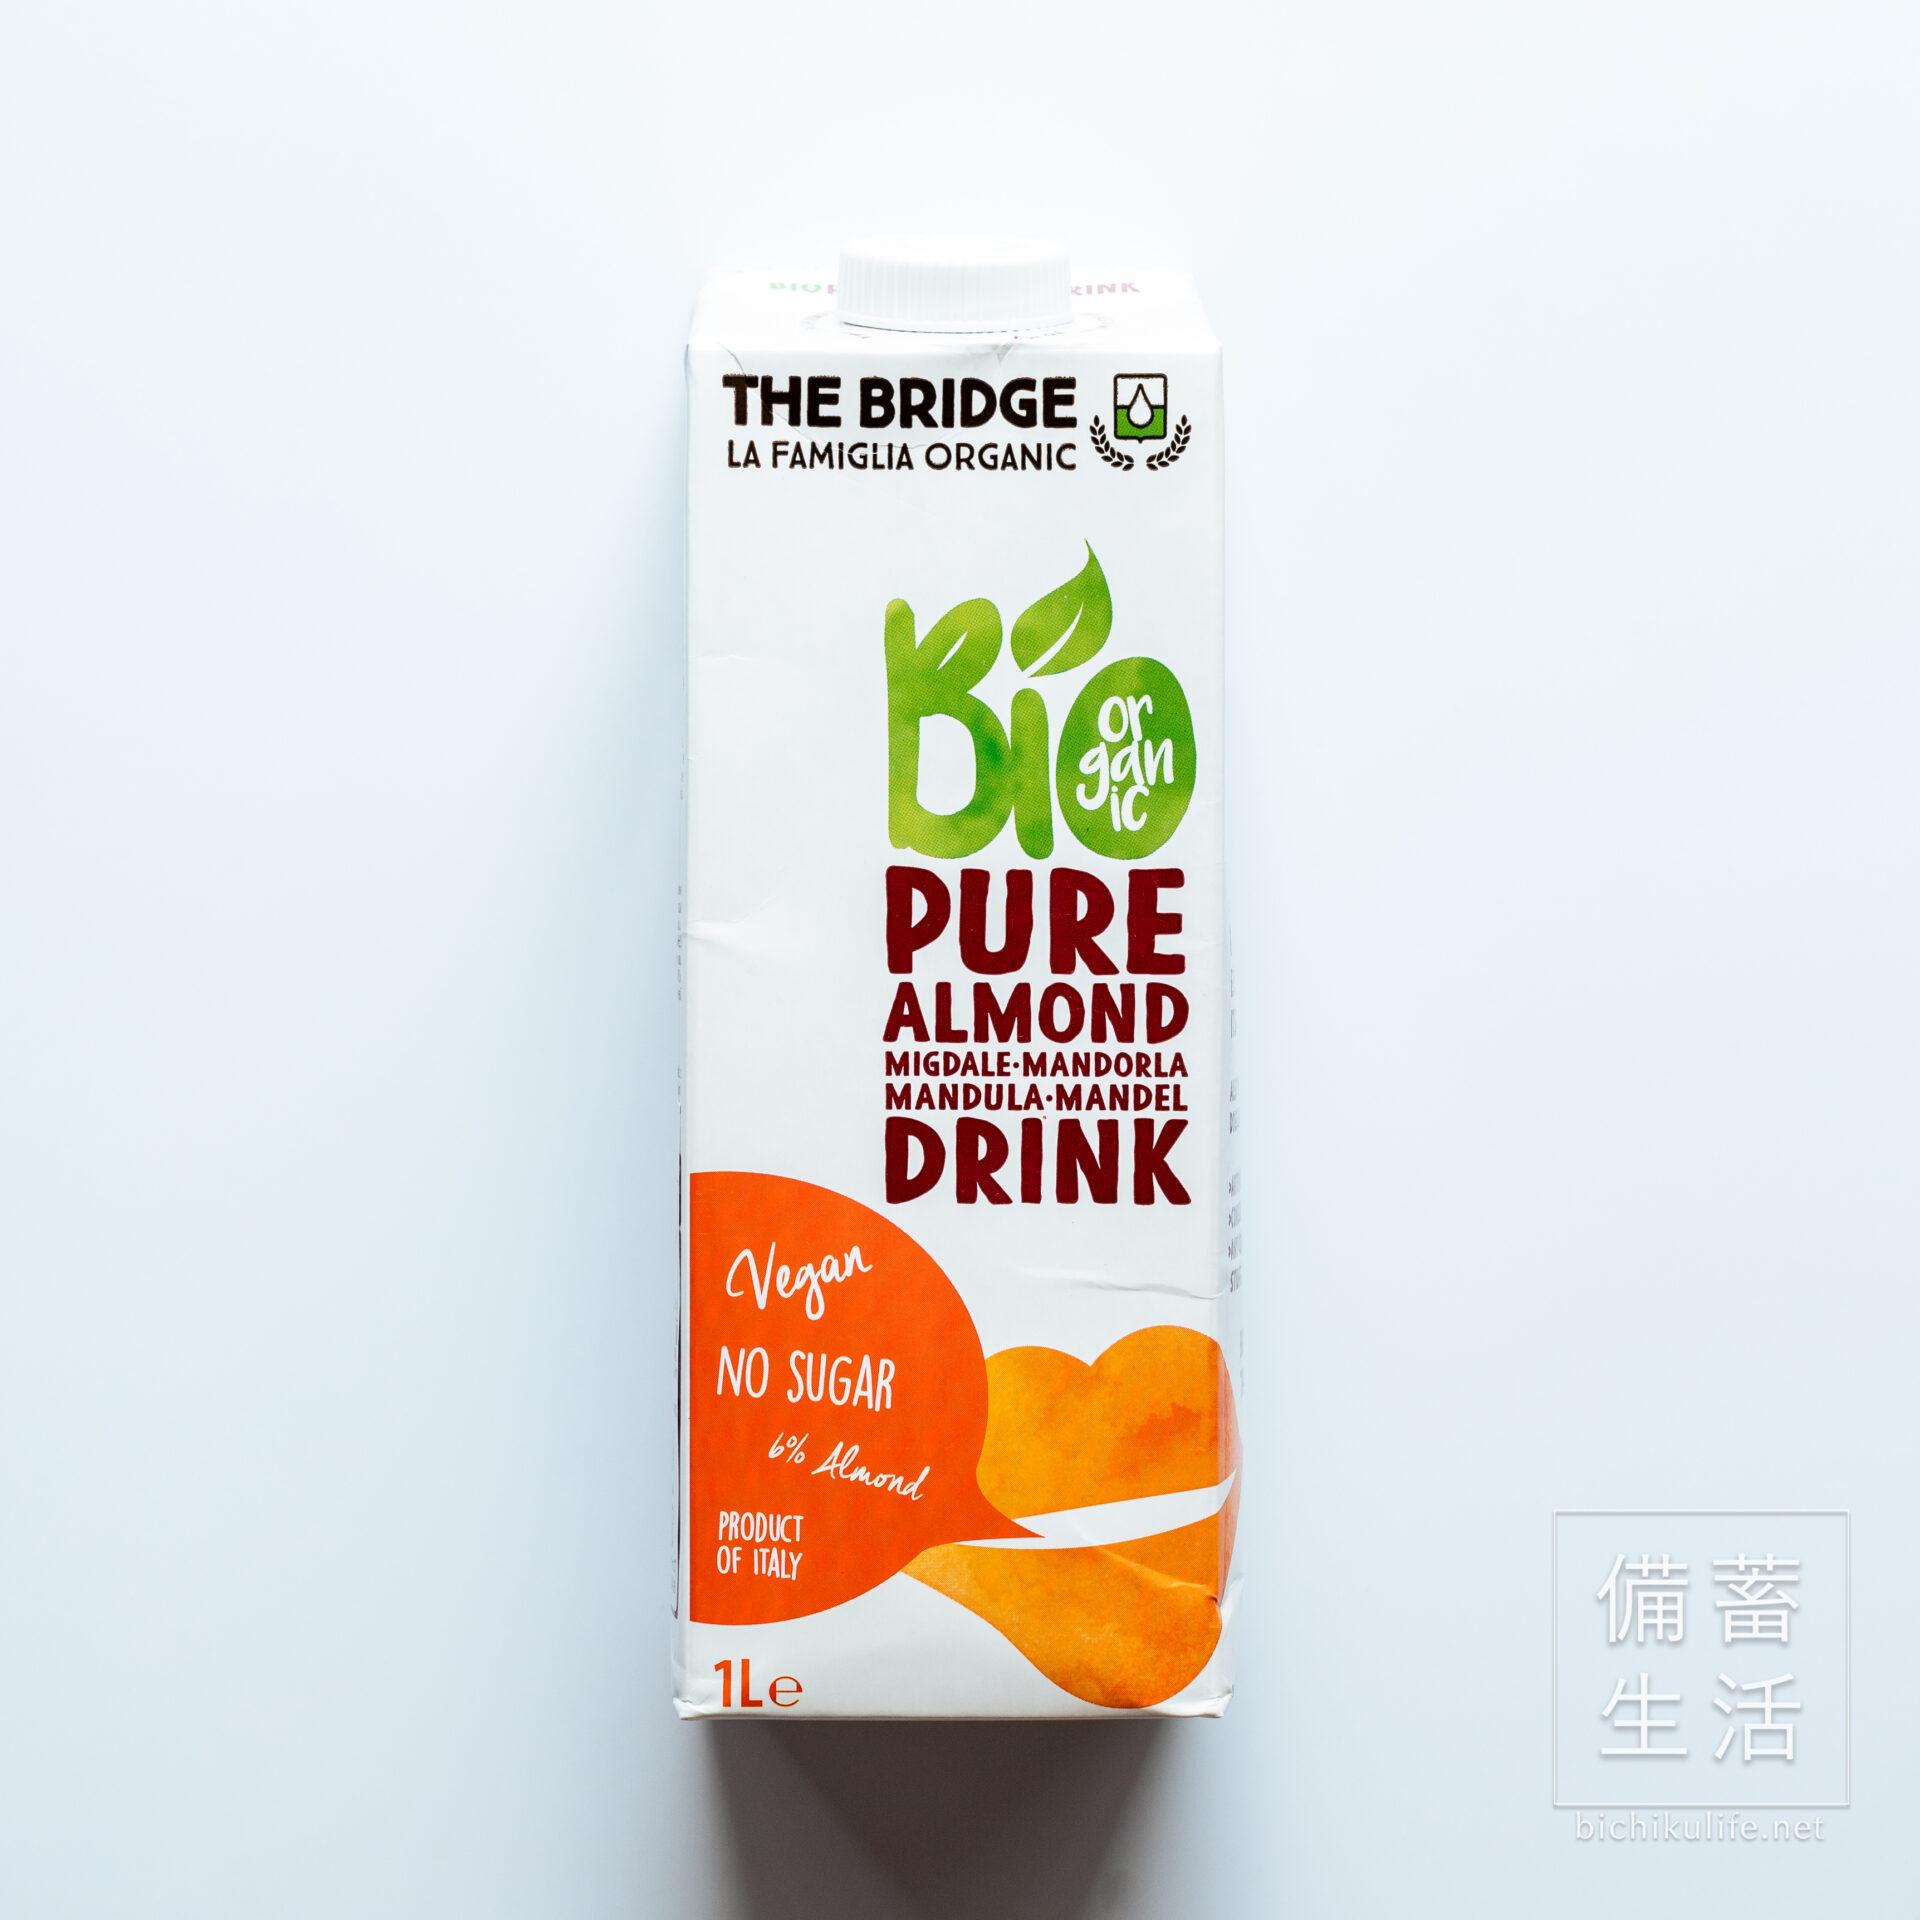 ブリッジ THE BRIDGEのアーモンドミルク